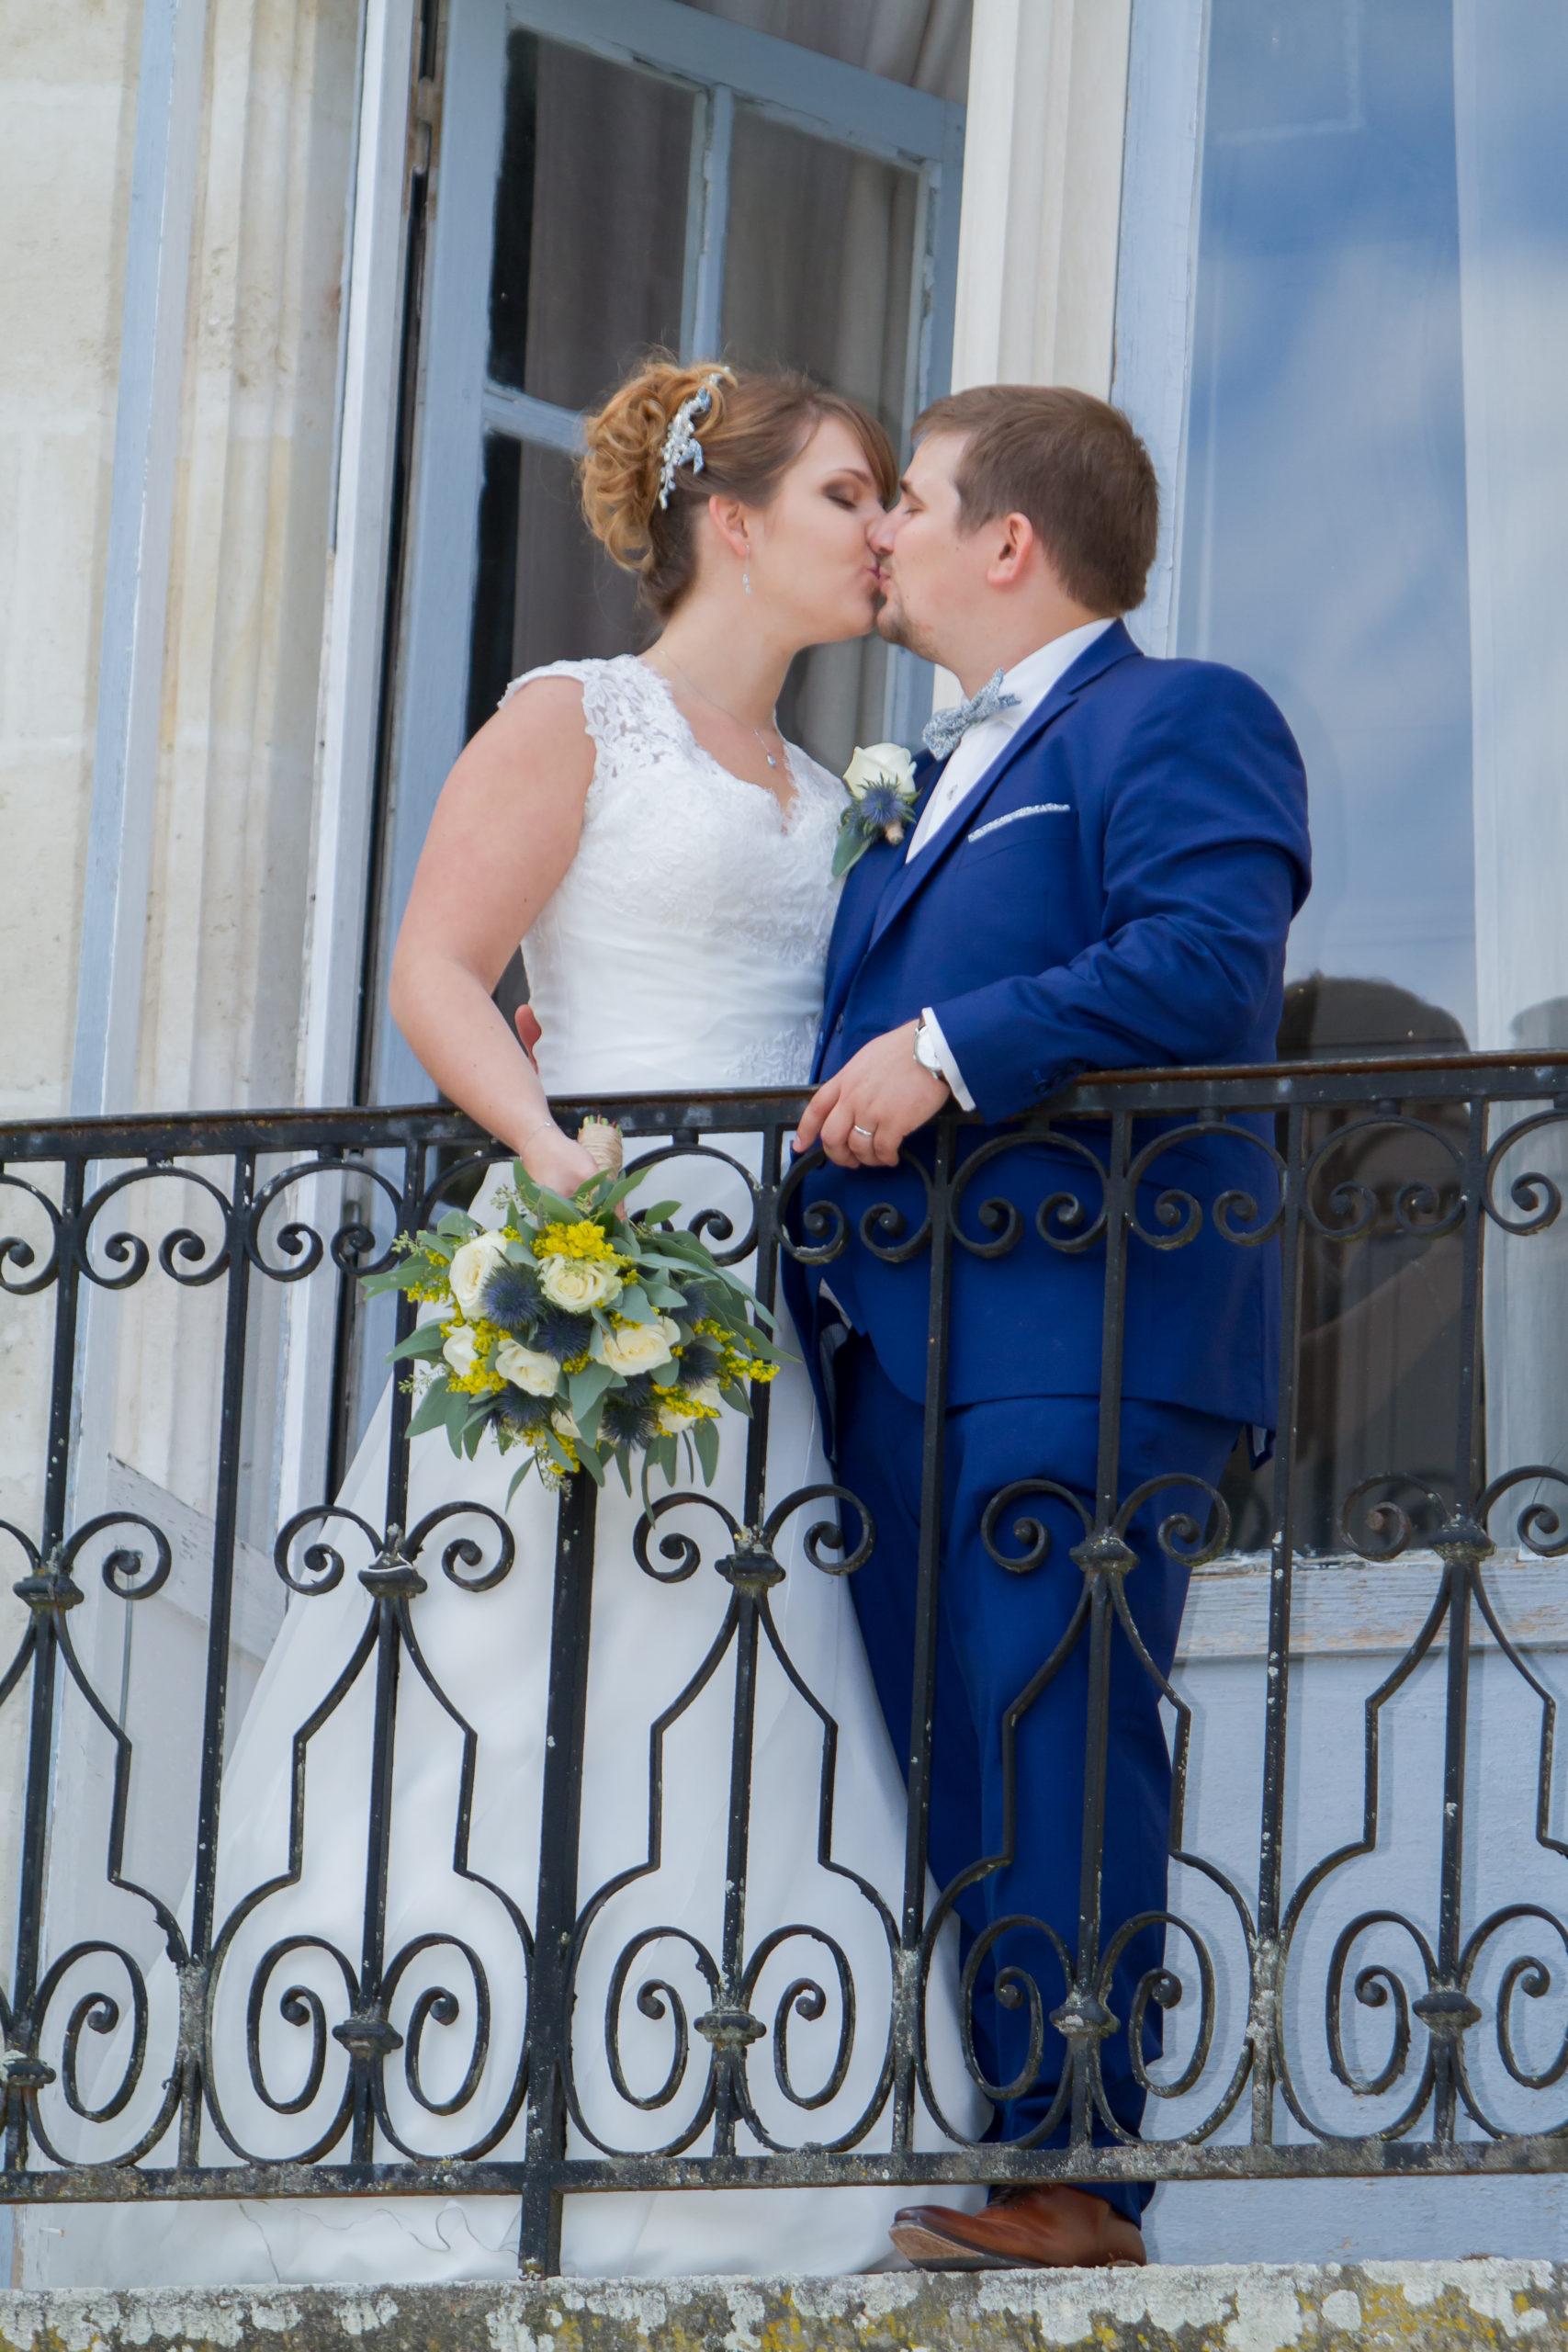 Mariage A&J - Les mariés s'embrassent sur le balcon - C&D Events Wedding planner Oise et Paris